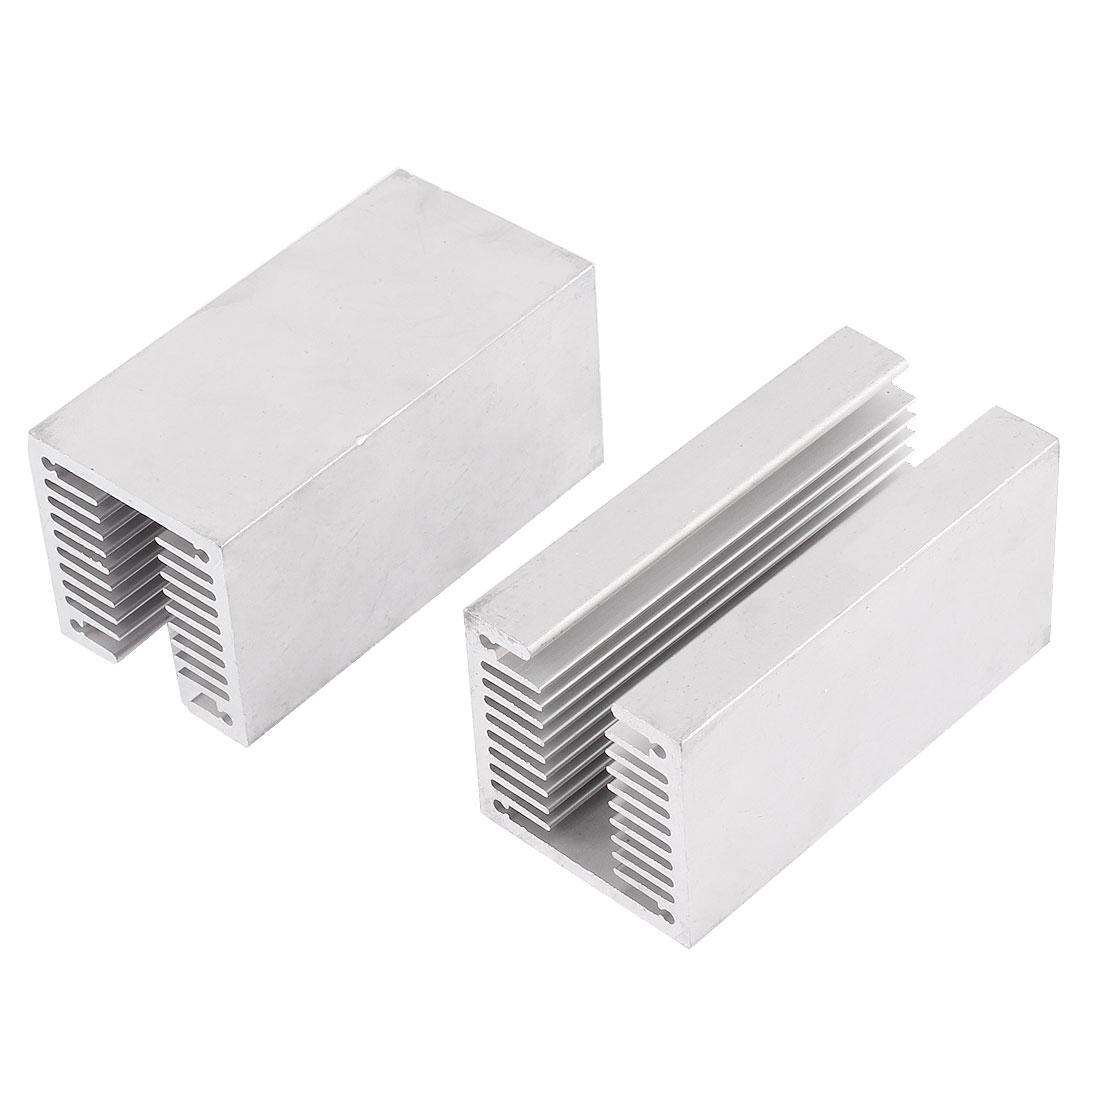 2 Pcs 80mmx40mmx40mm U Shaped Aluminium Radiator Heatsink Silver Tone